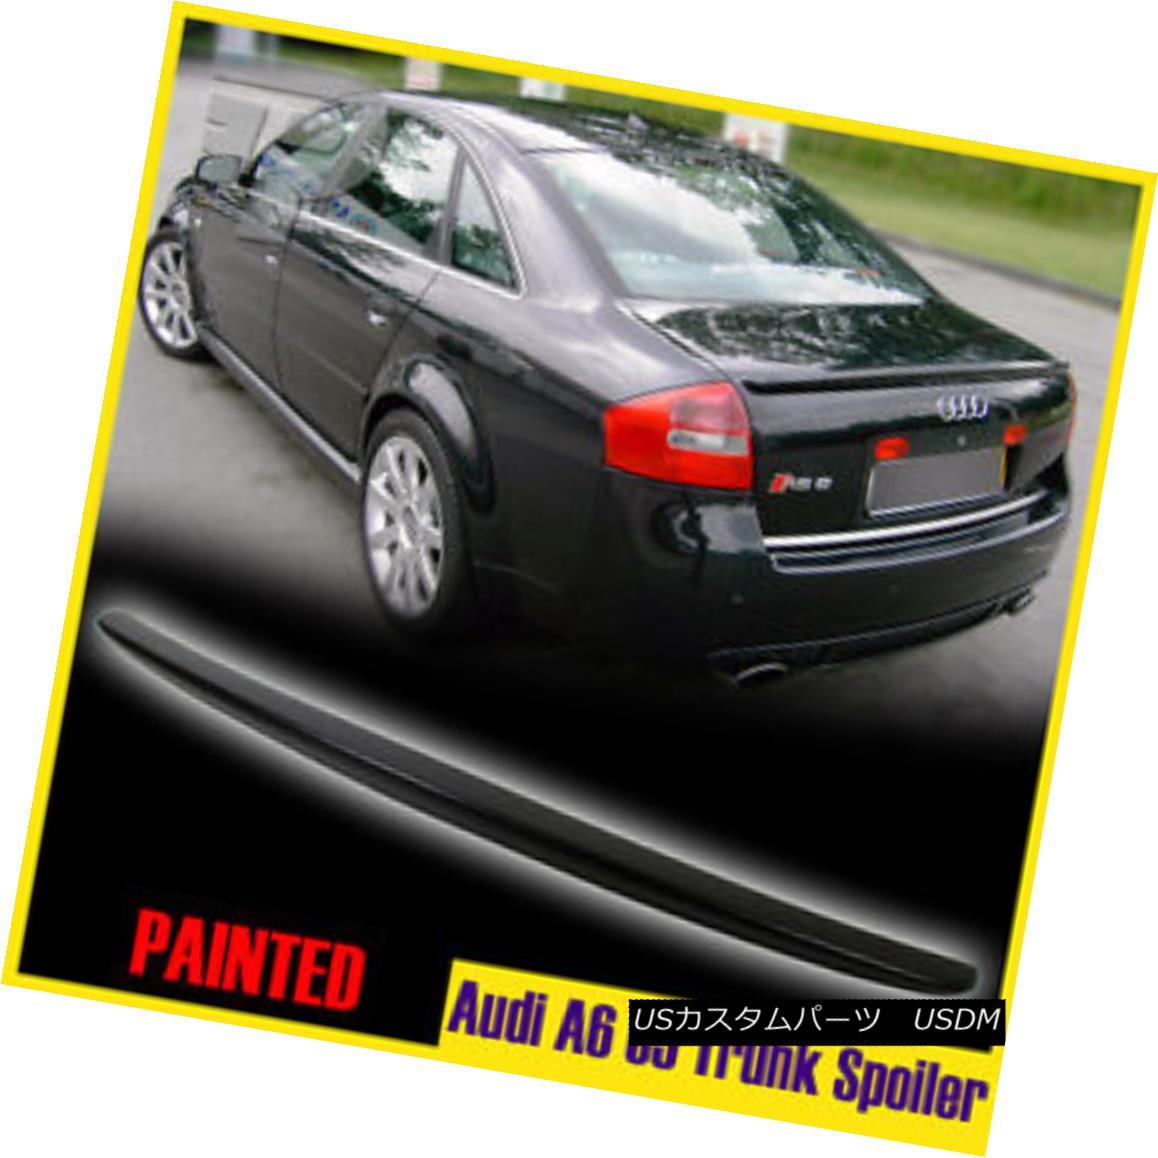 エアロパーツ Audi A6 C5 OE-Look Sedan Saloon 4DR Painted Rear Trunk Spoiler 2004 Audi A6 C5 OE-Lookセダンサルーン4DR塗装リアトランク・スポイラー2004